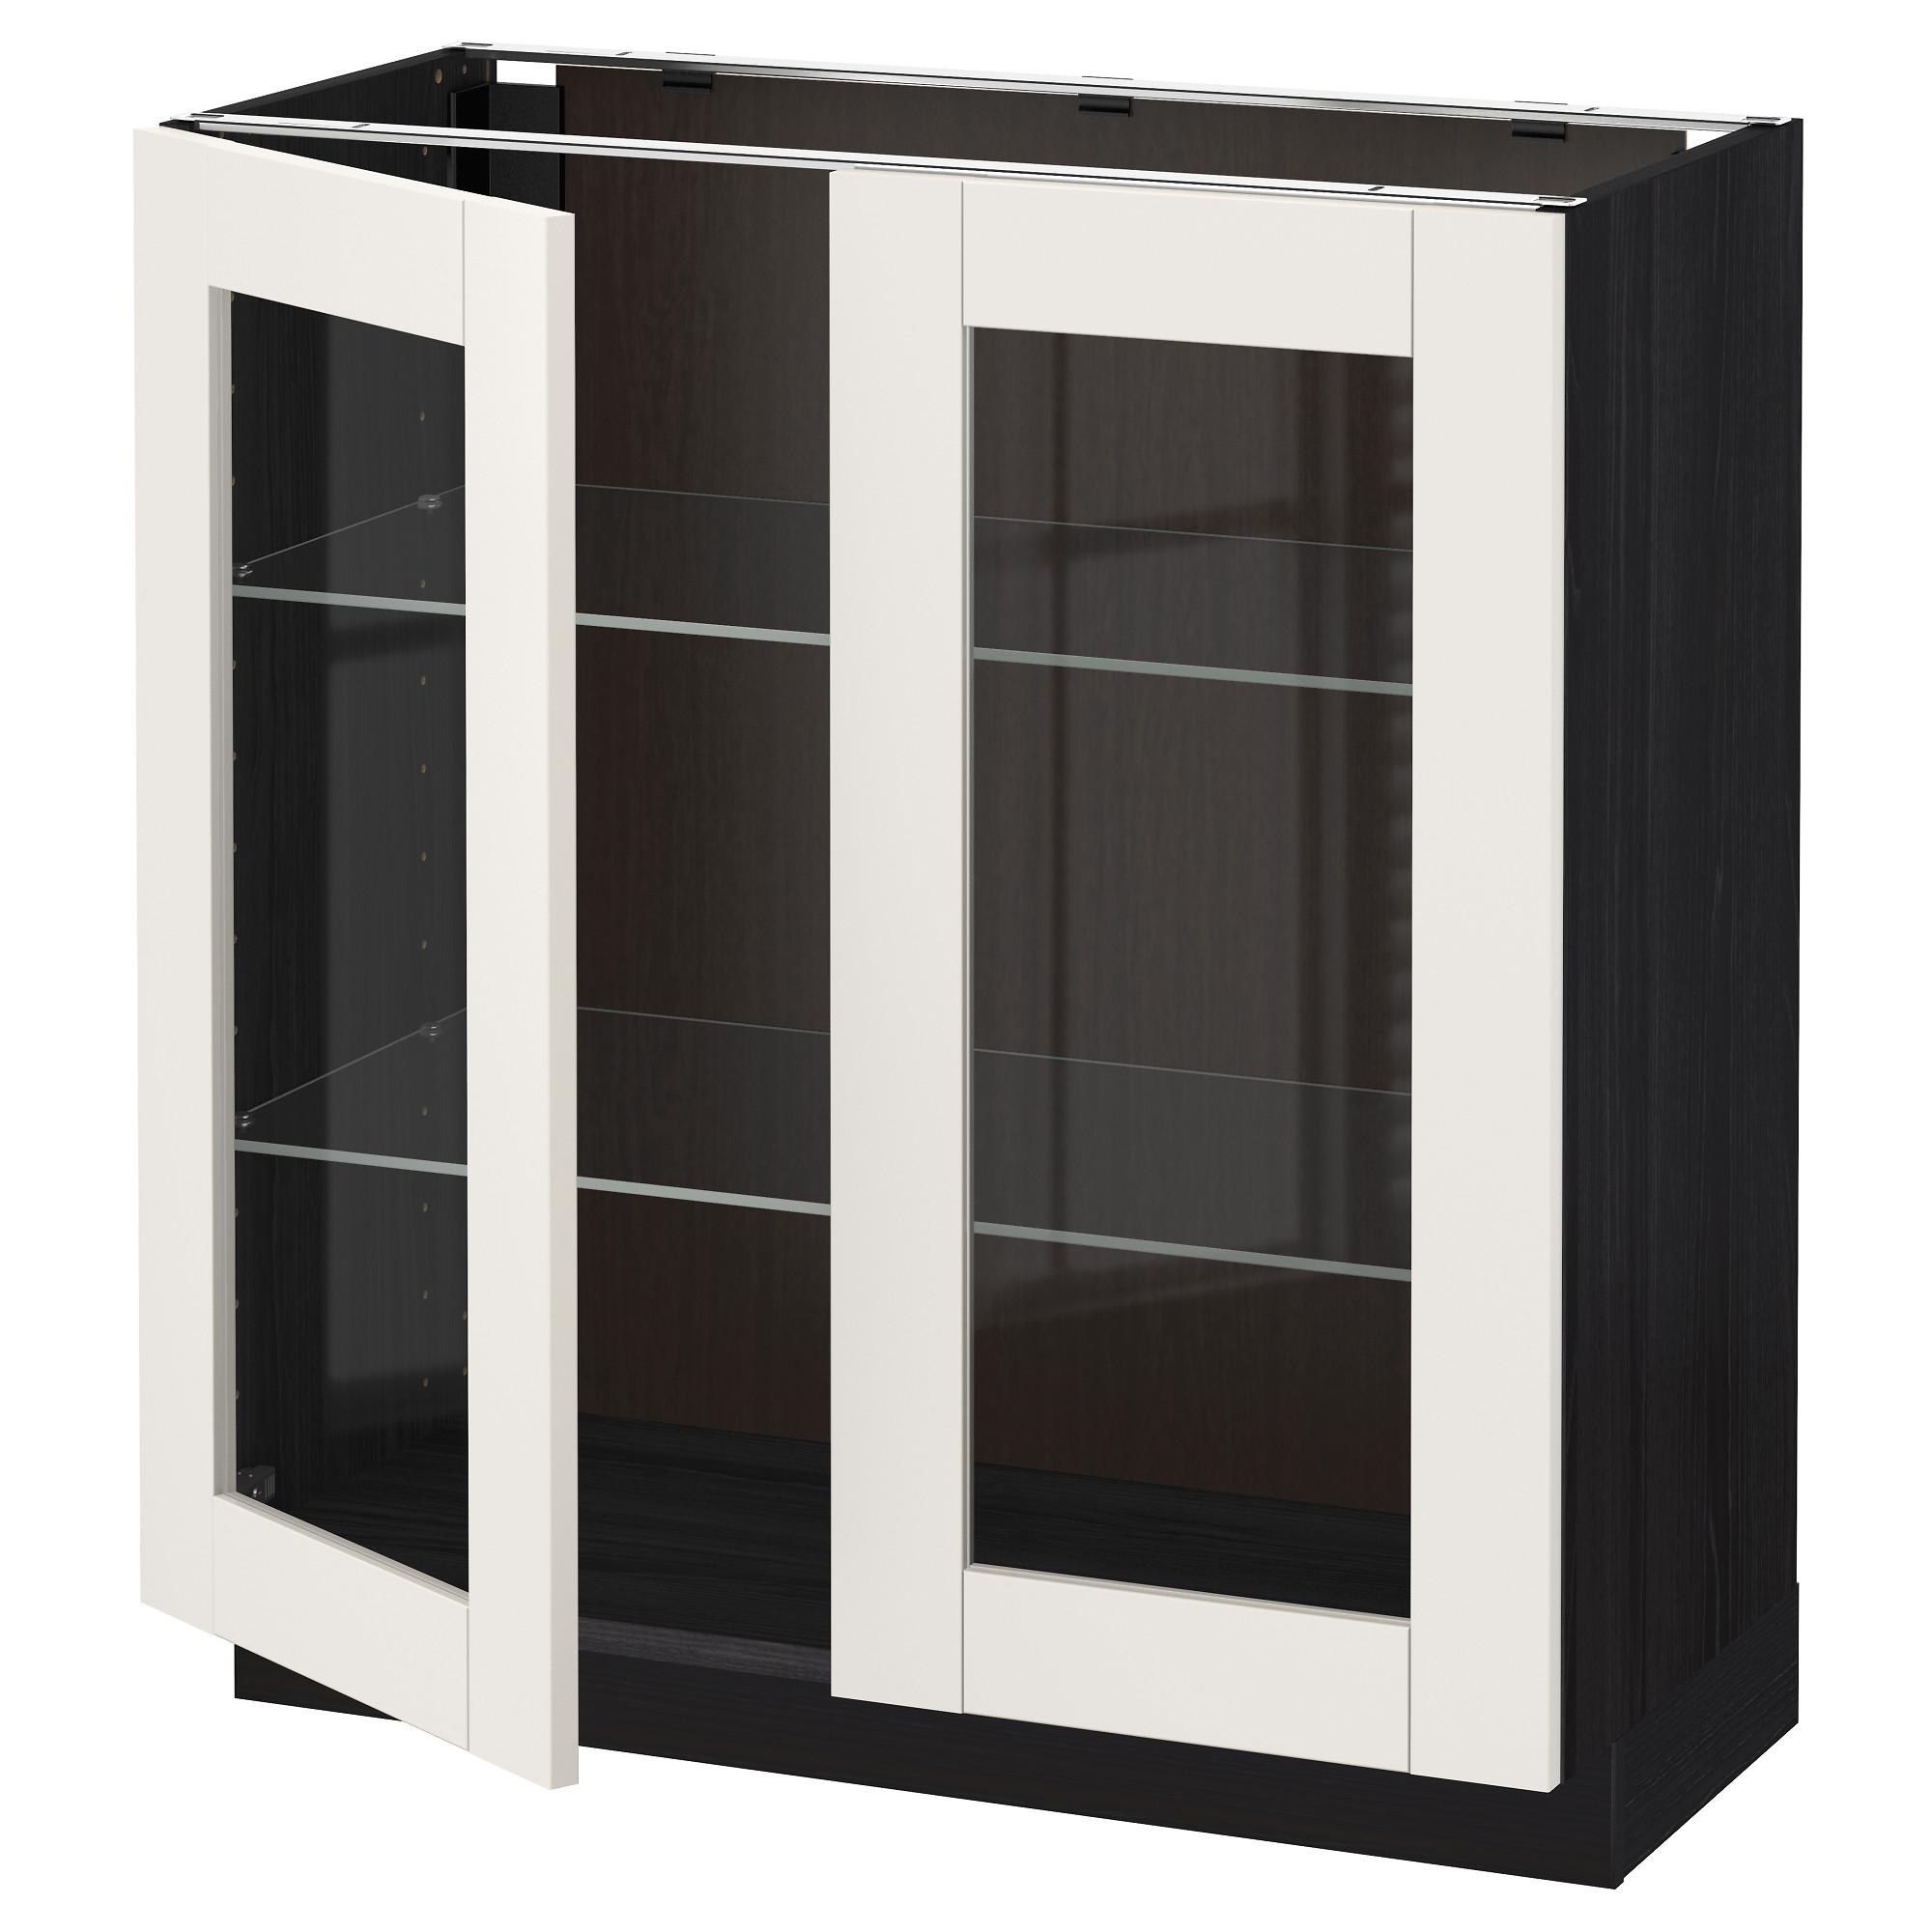 Напольный шкаф с 2 стекло дверцами МЕТОД черный артикуль № 692.229.56 в наличии. Онлайн каталог IKEA РБ. Недорогая доставка и установка.